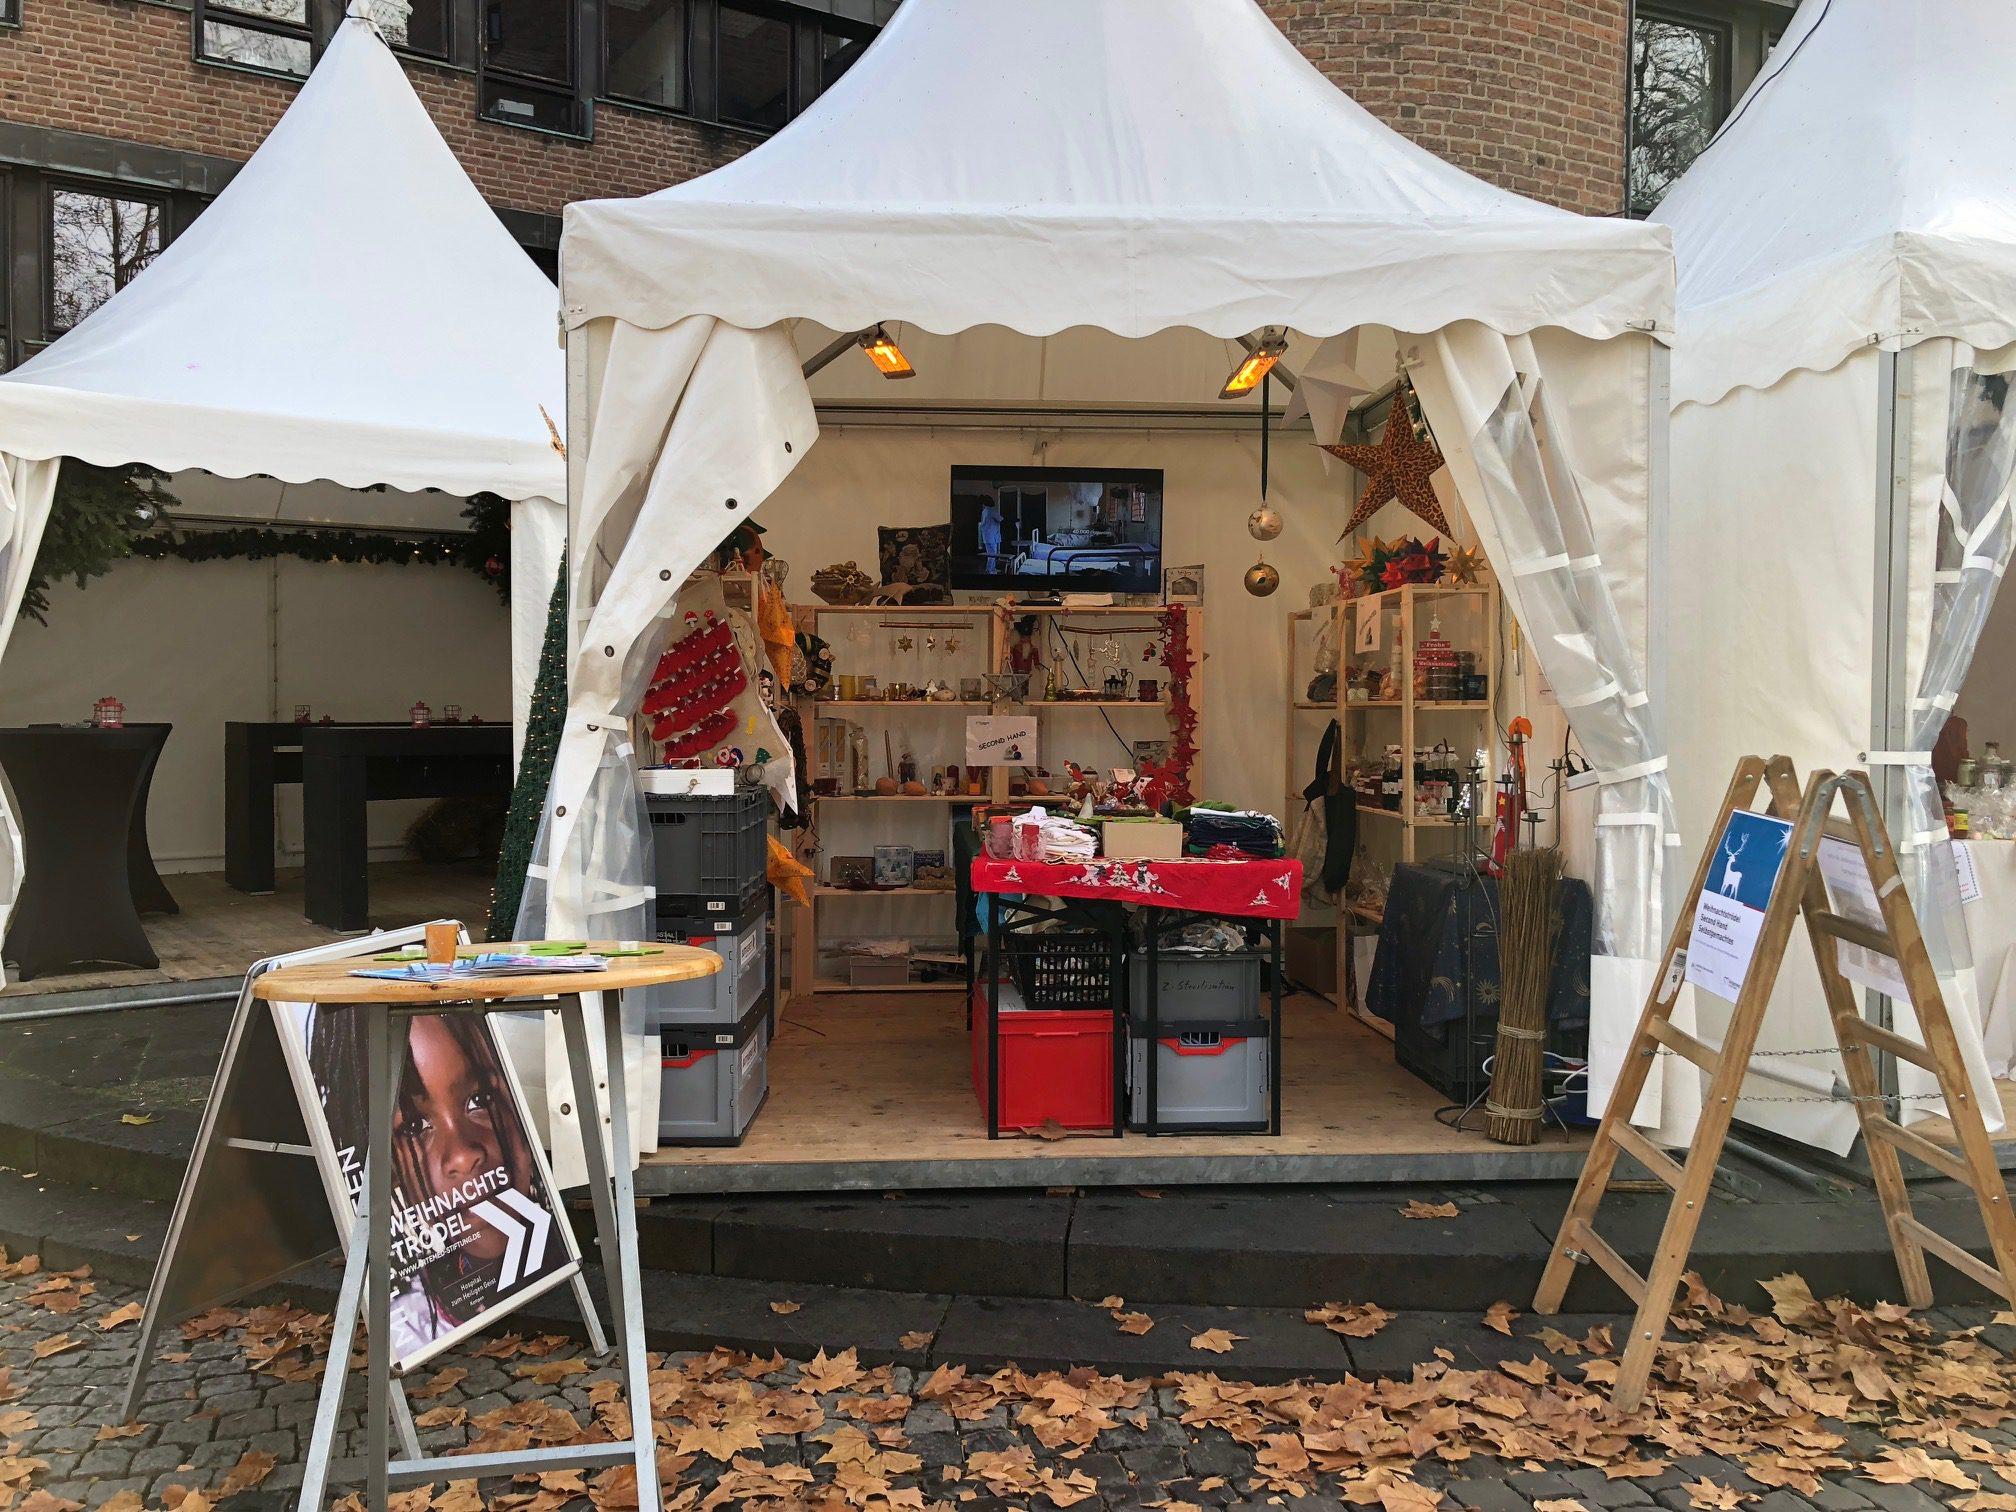 Weihnachtsmarkt Kempen.Weihnachtsmarkt In Kempen Artemed Stiftung